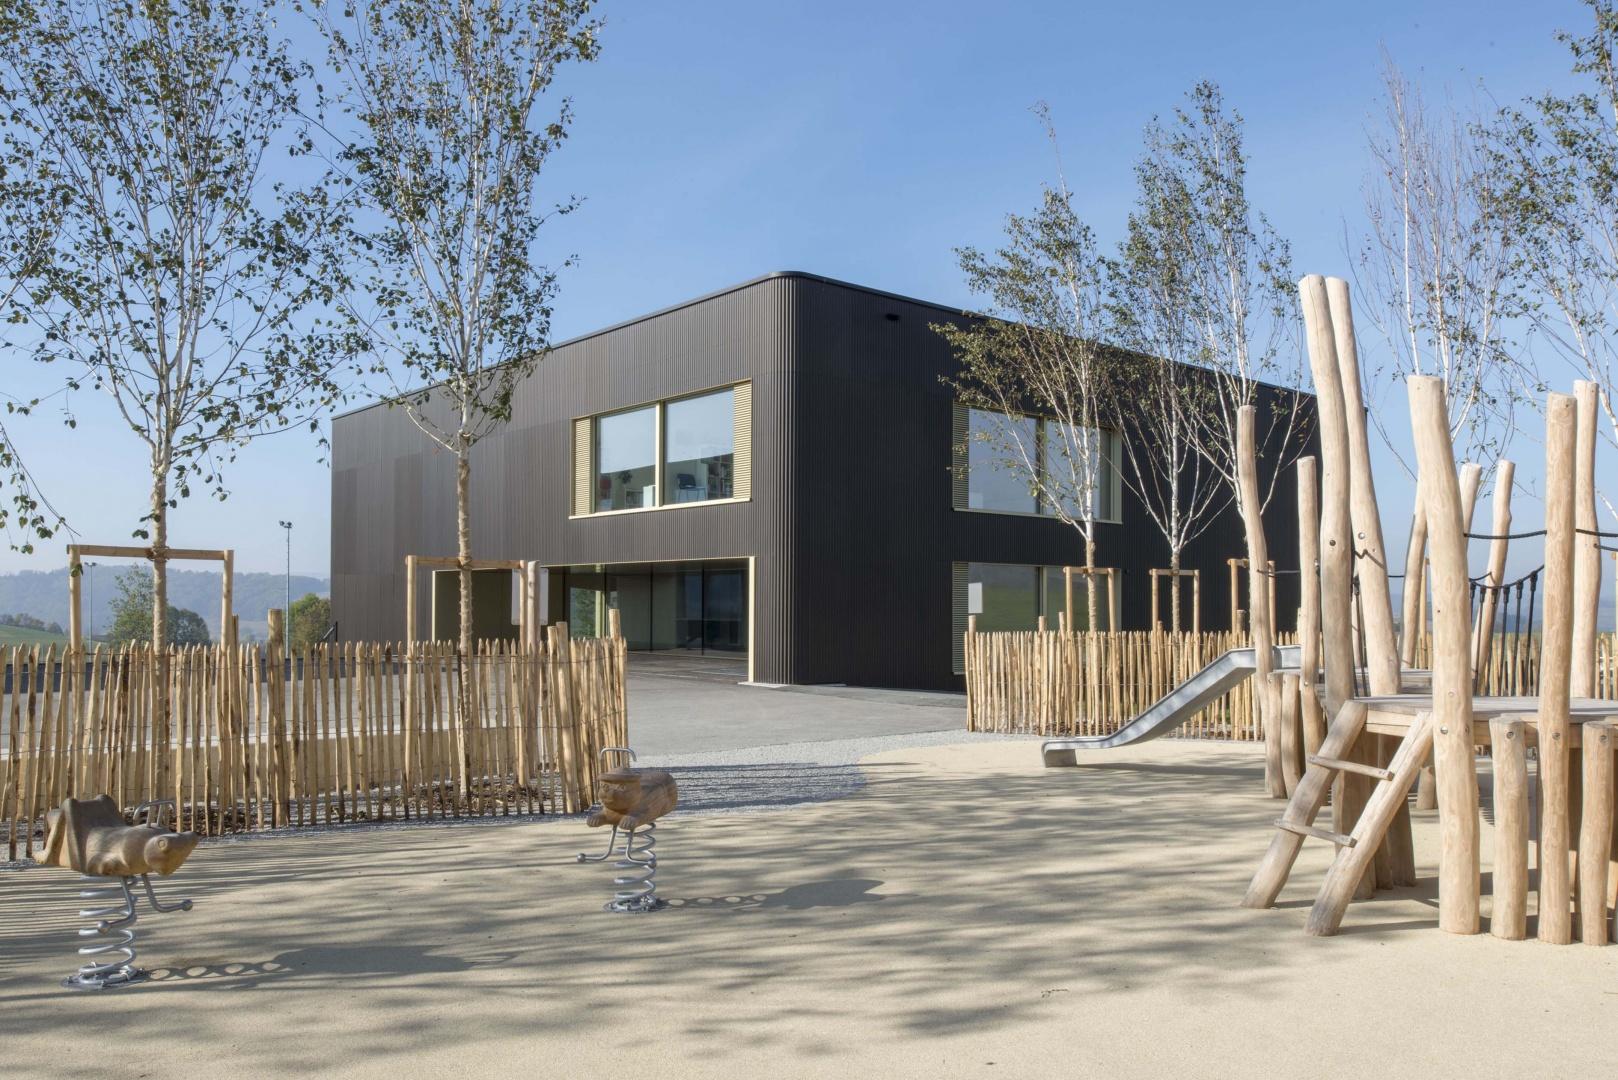 Spielplatz im Aussenbereich © Projet et réalisation : Ruffieux-Chehab Architectes SA, Photos : Primula Bosshard